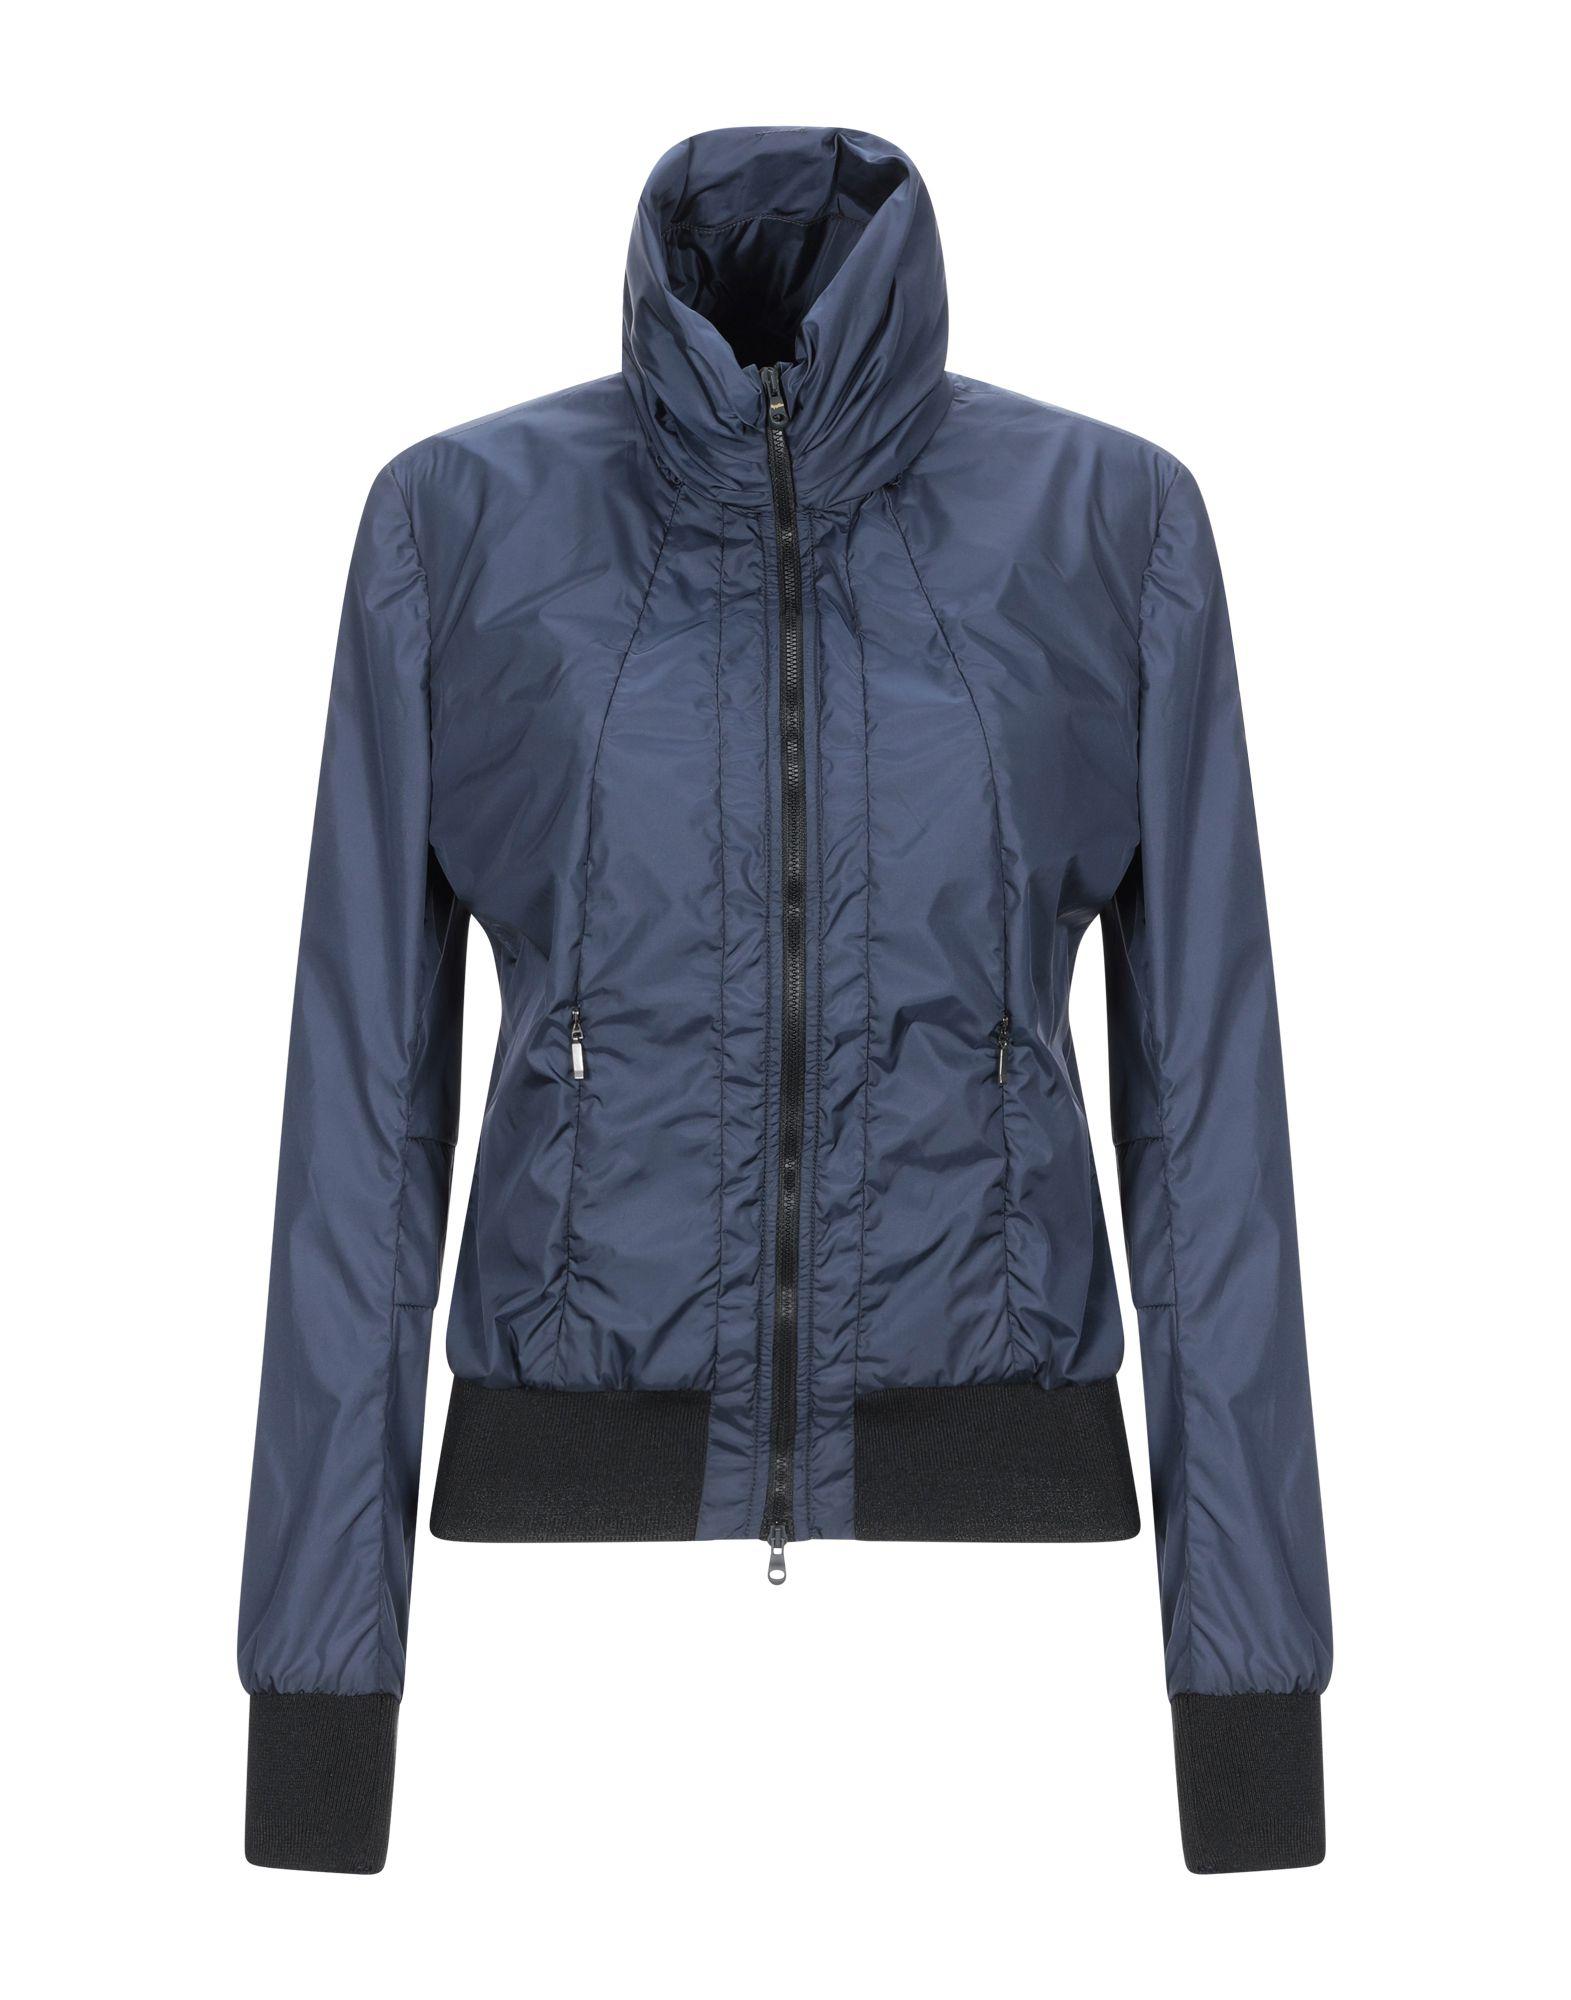 Giubbotto Refrigiwear donna donna donna - 41800649CP 9d7